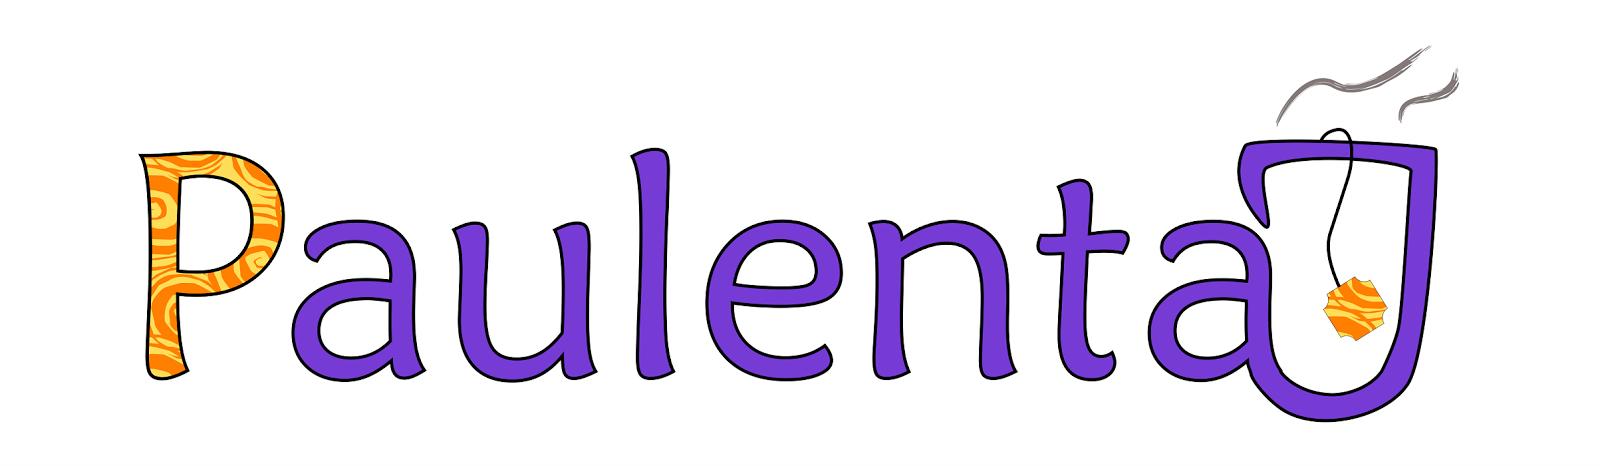 Paulenta - Subiektywny blog kobiecy